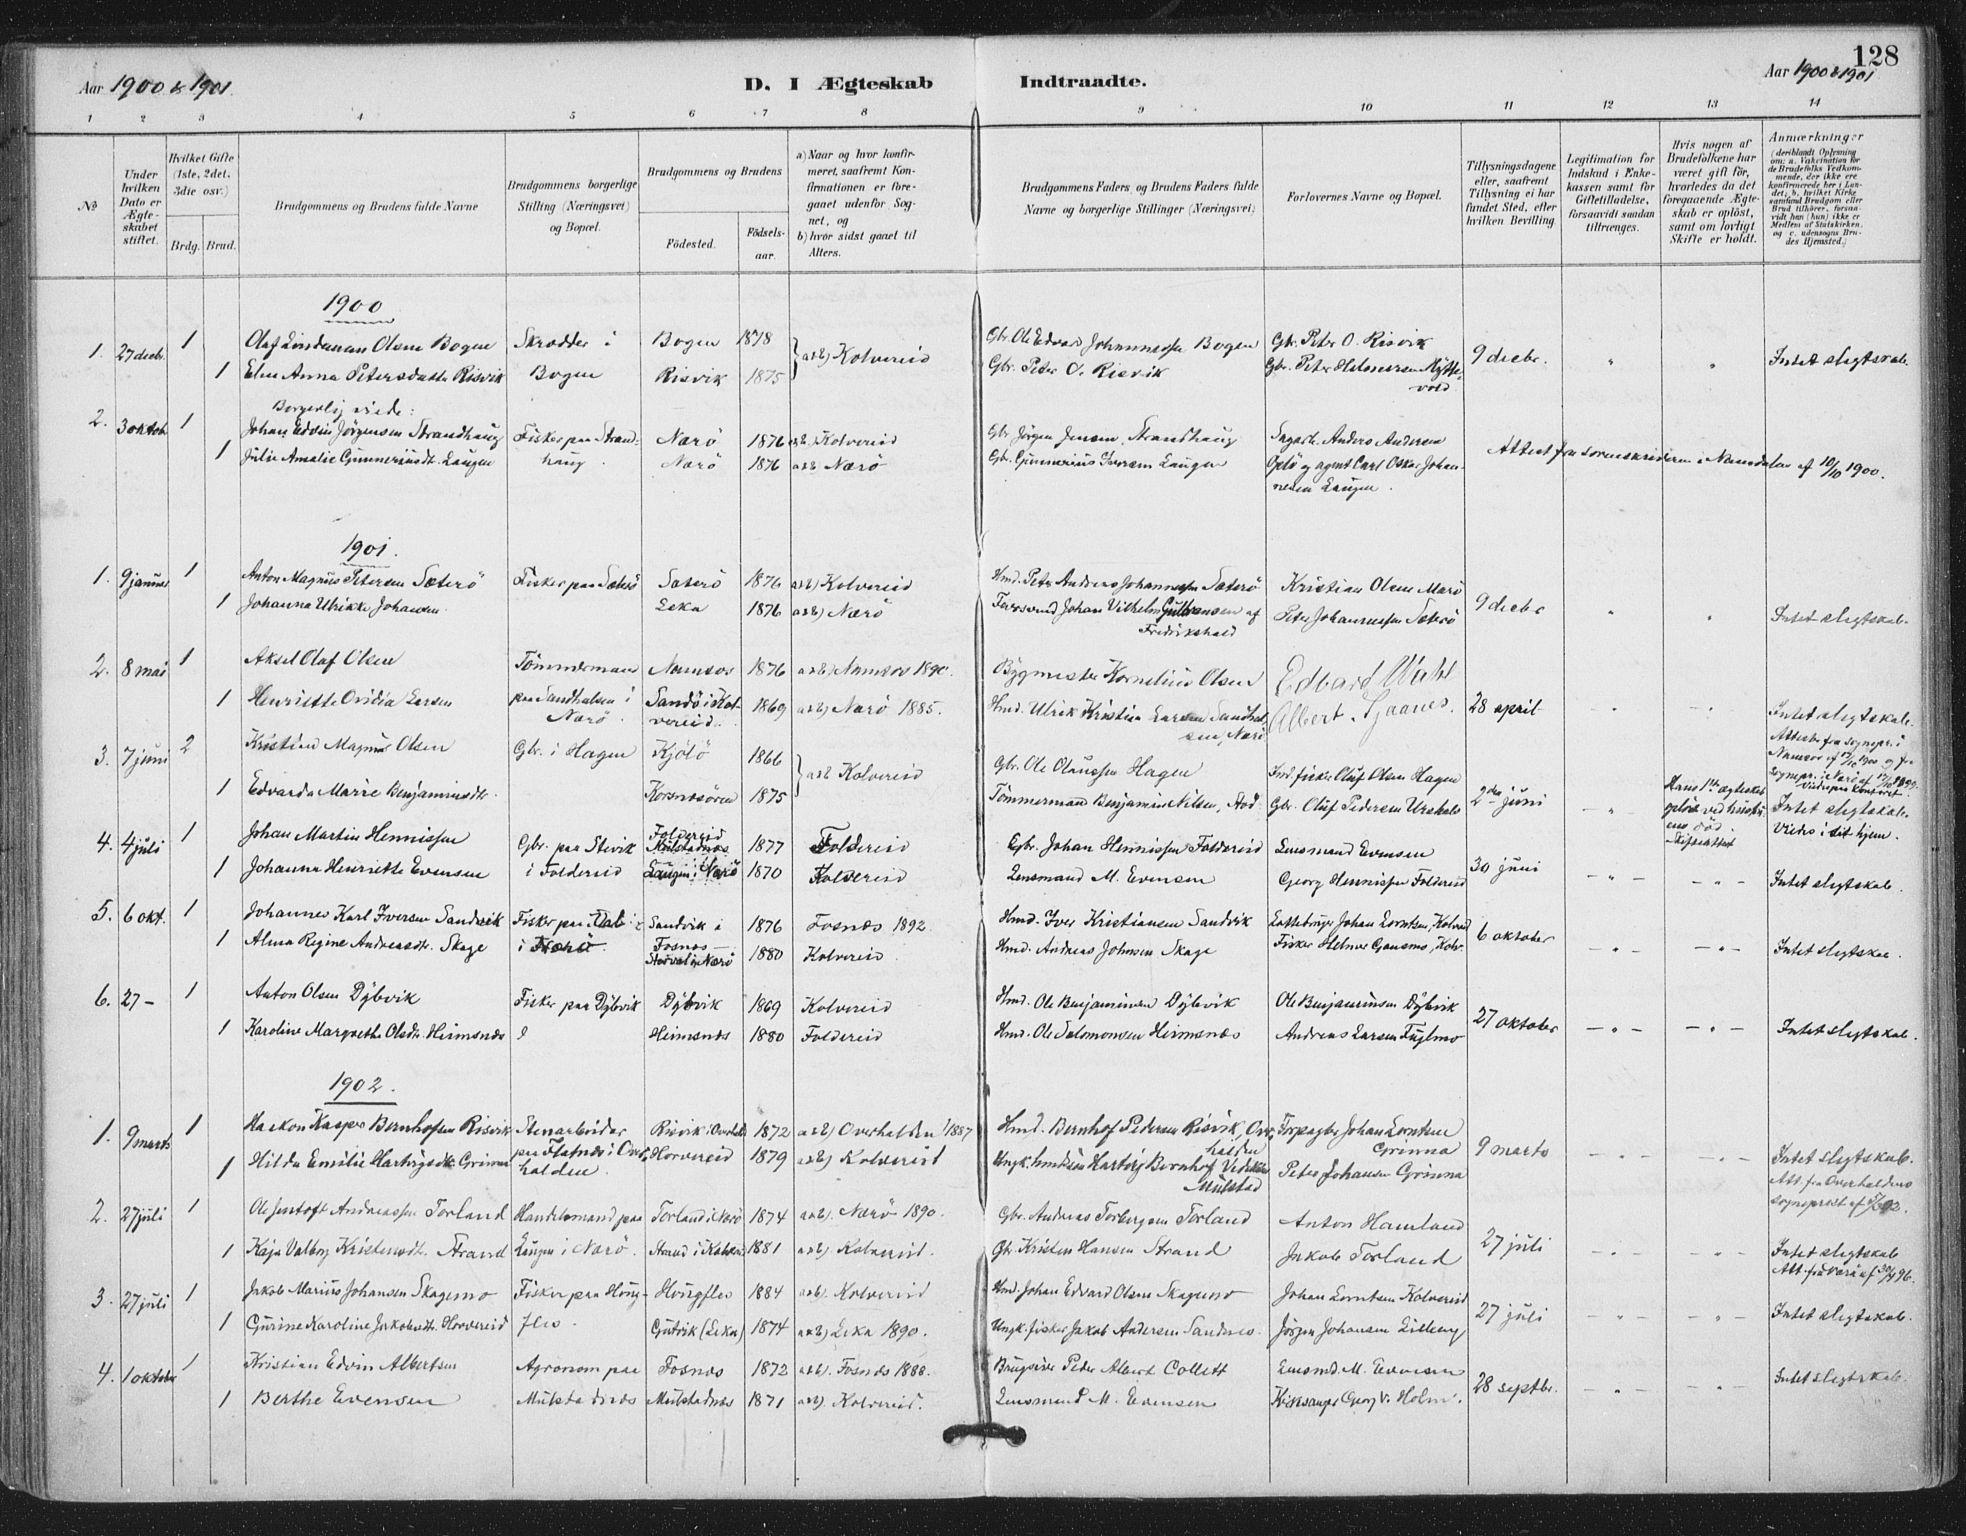 SAT, Ministerialprotokoller, klokkerbøker og fødselsregistre - Nord-Trøndelag, 780/L0644: Ministerialbok nr. 780A08, 1886-1903, s. 128